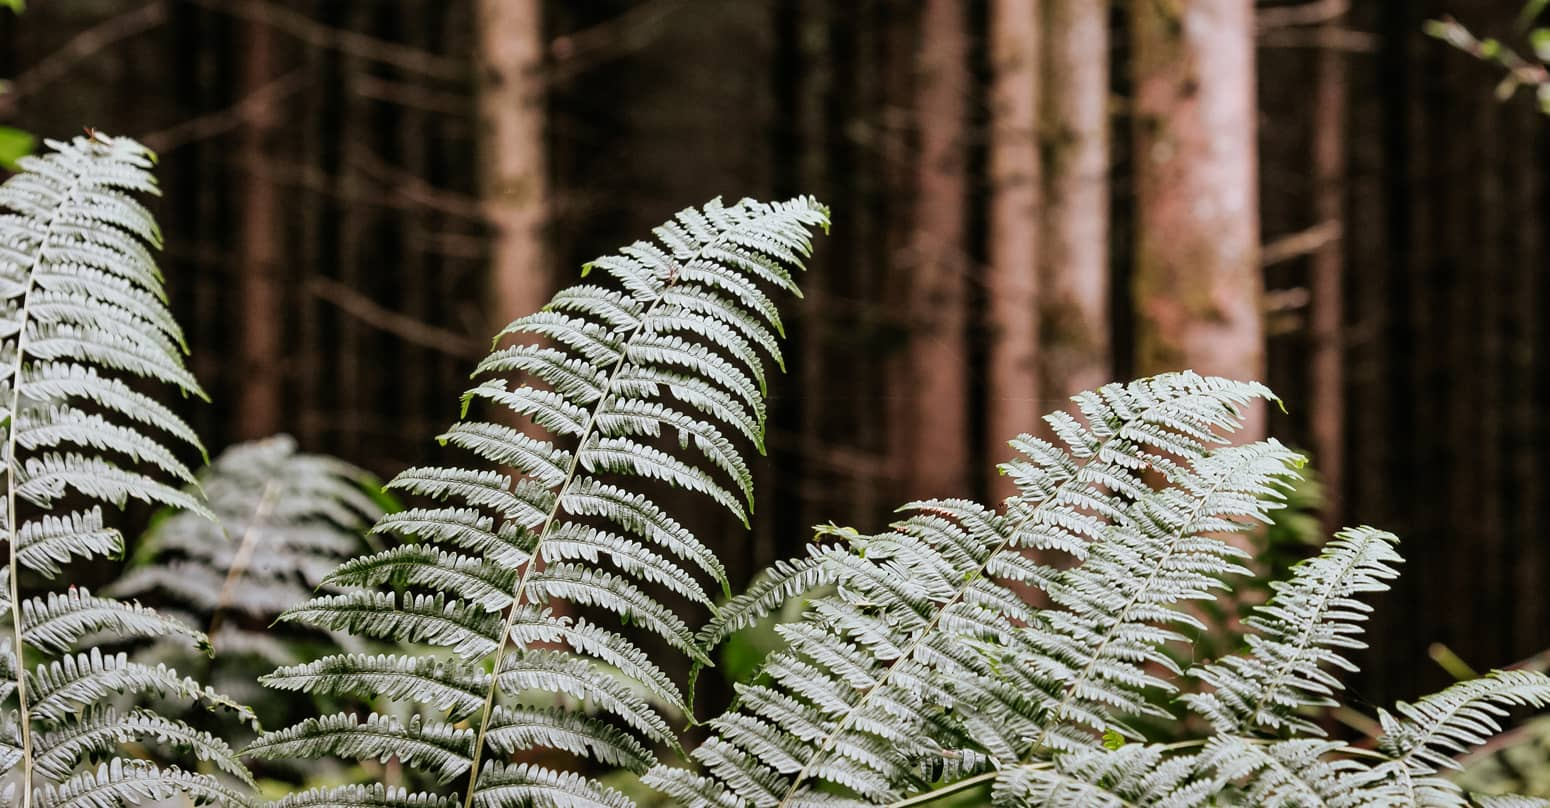 Je contacte le cabinet financier pour investir dans un groupement forestier (1)